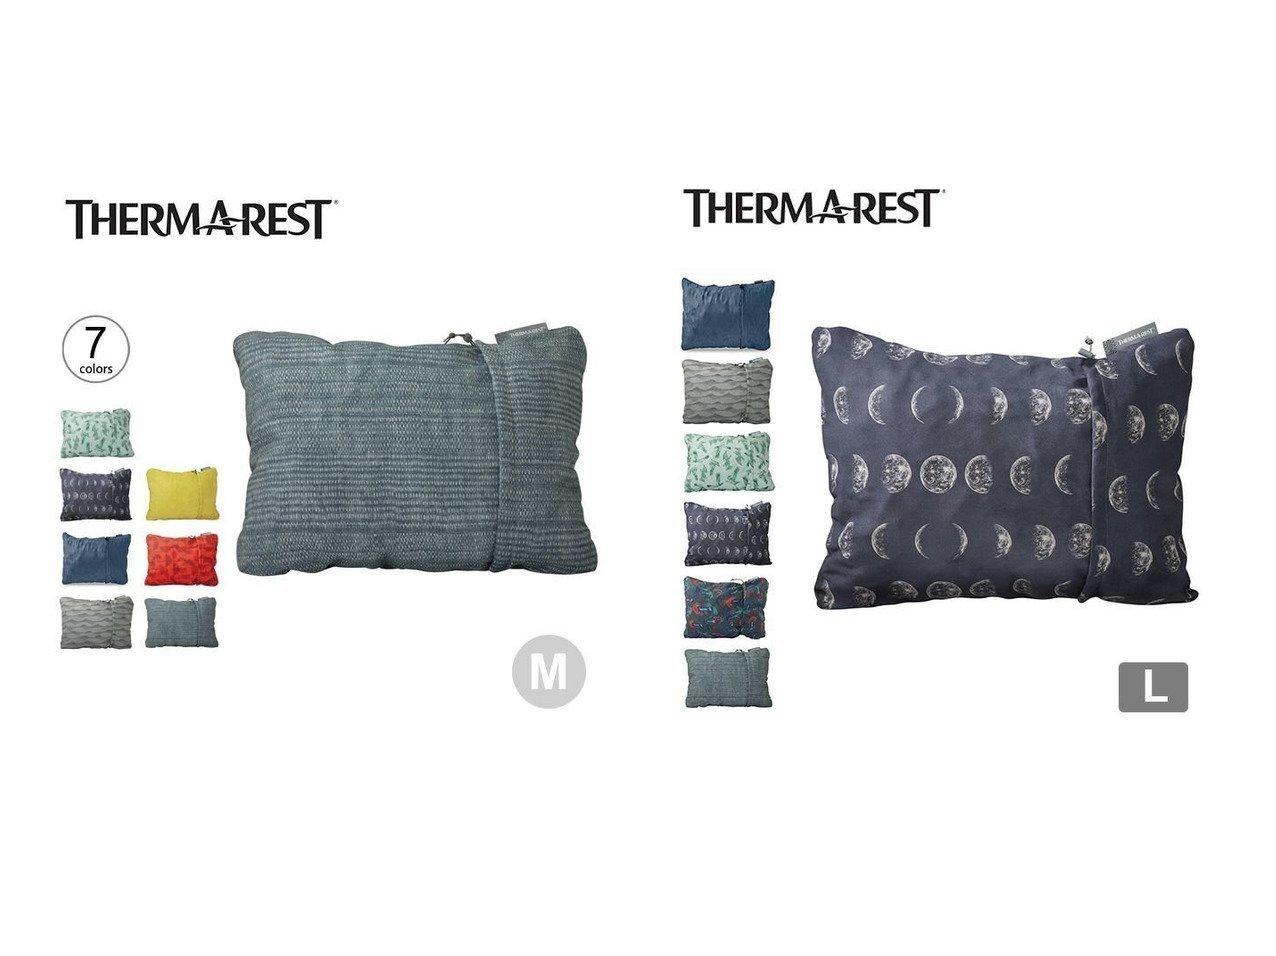 【THERM-A-REST/サーマレスト】のコンプレッシブルピロー M&コンプレッシブルピロー L おすすめ!人気キャンプ・アウトドア用品の通販 おすすめで人気の流行・トレンド、ファッションの通販商品 インテリア・家具・メンズファッション・キッズファッション・レディースファッション・服の通販 founy(ファニー) https://founy.com/ デニム フォーム プリント ホーム・キャンプ・アウトドア Home,Garden,Outdoor,Camping Gear キャンプ用品・アウトドア  Camping Gear & Outdoor Supplies 寝具 シュラフ 枕 Schlaf, Sleeping bag, Pillow |ID:crp329100000047714